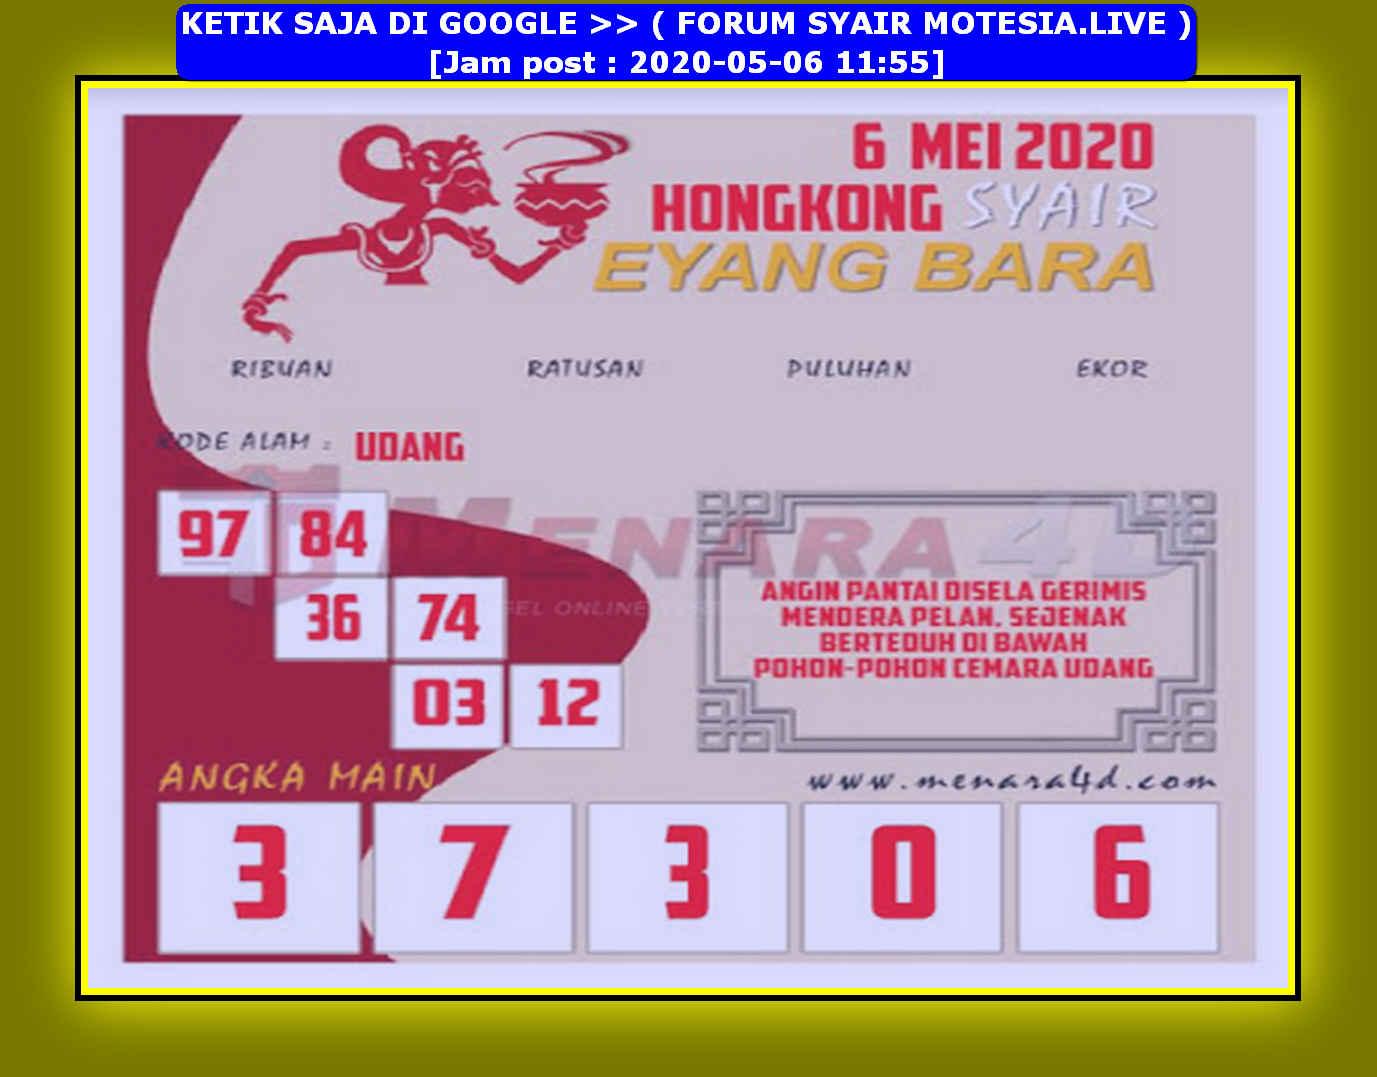 Kode syair Hongkong Rabu 6 Mei 2020 137